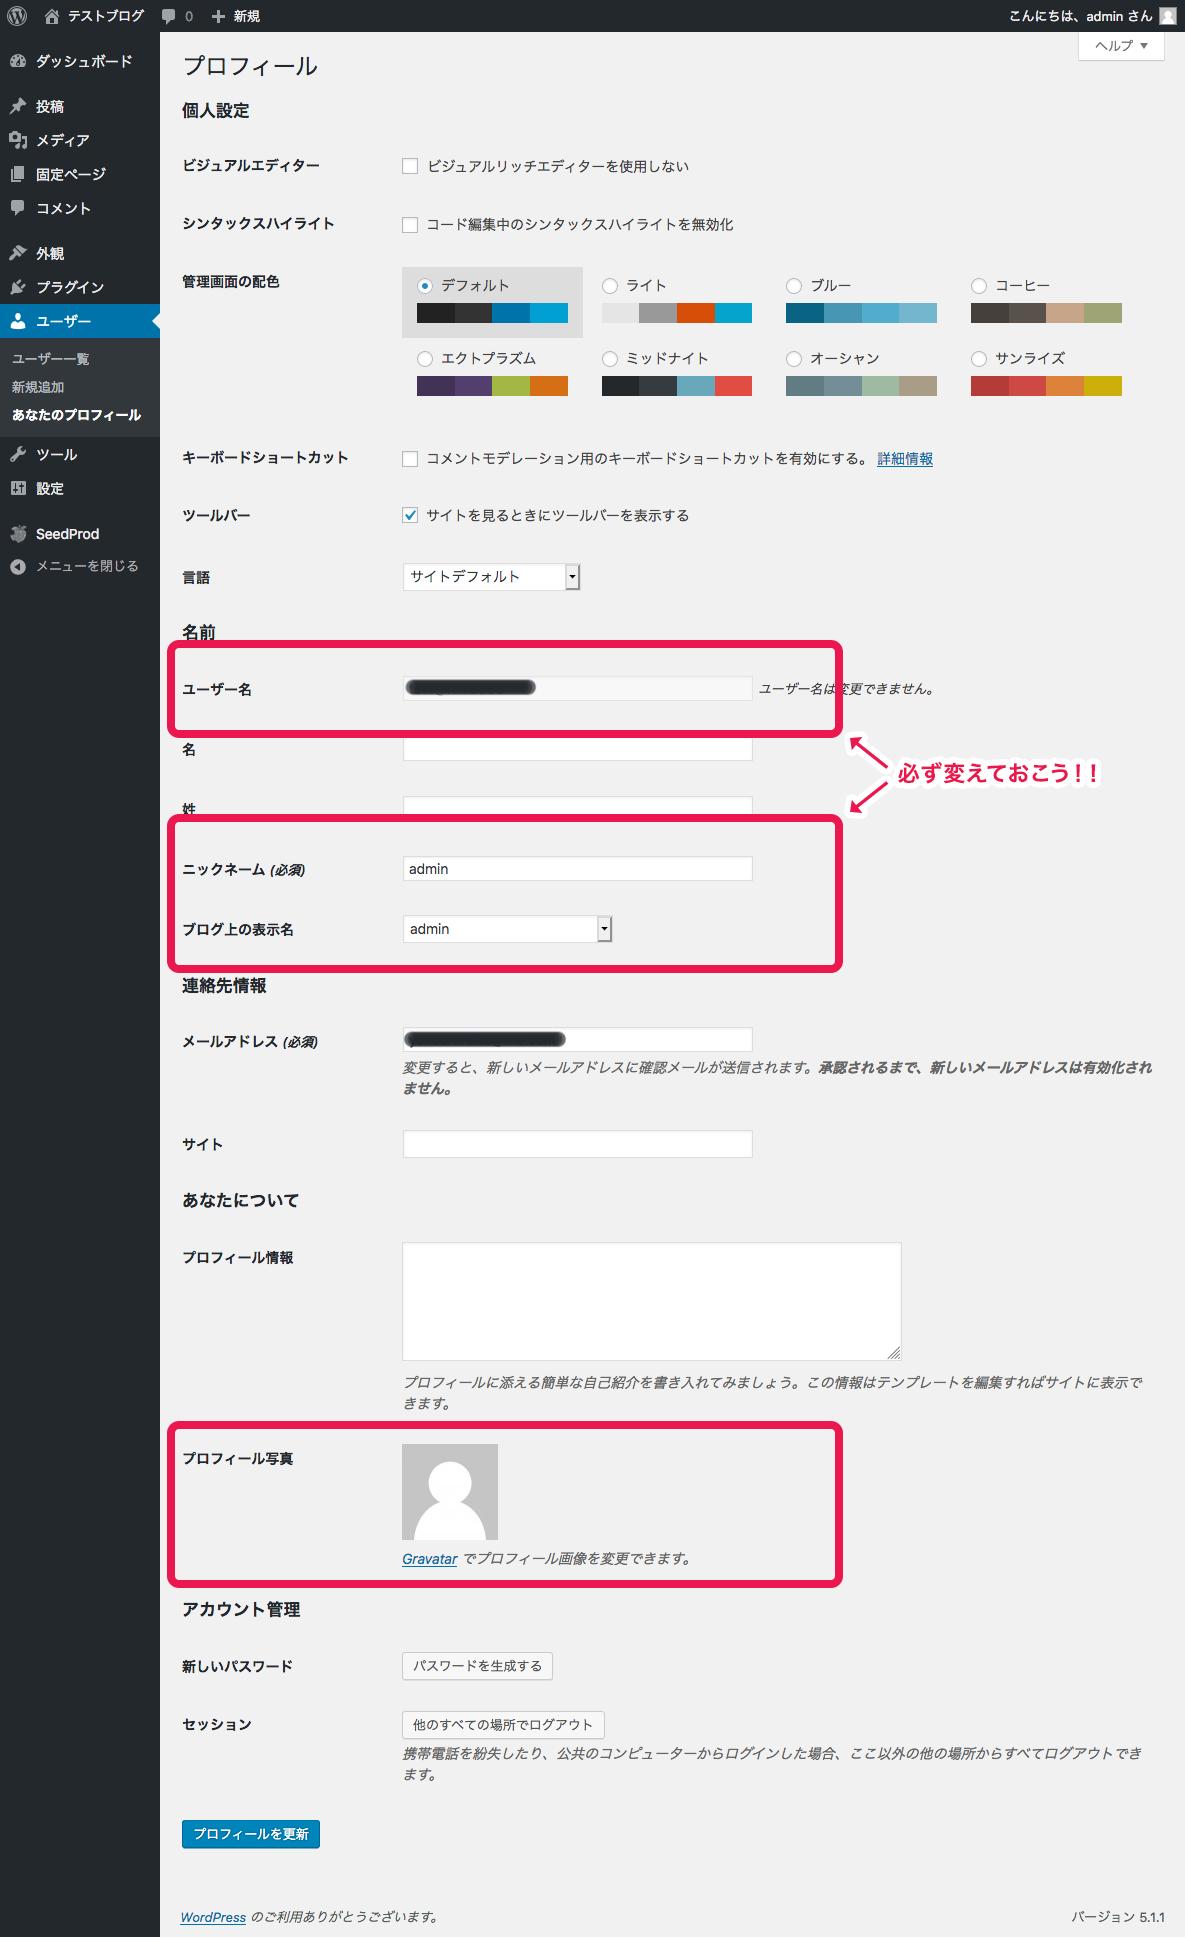 ユーザー・プロフィール画面